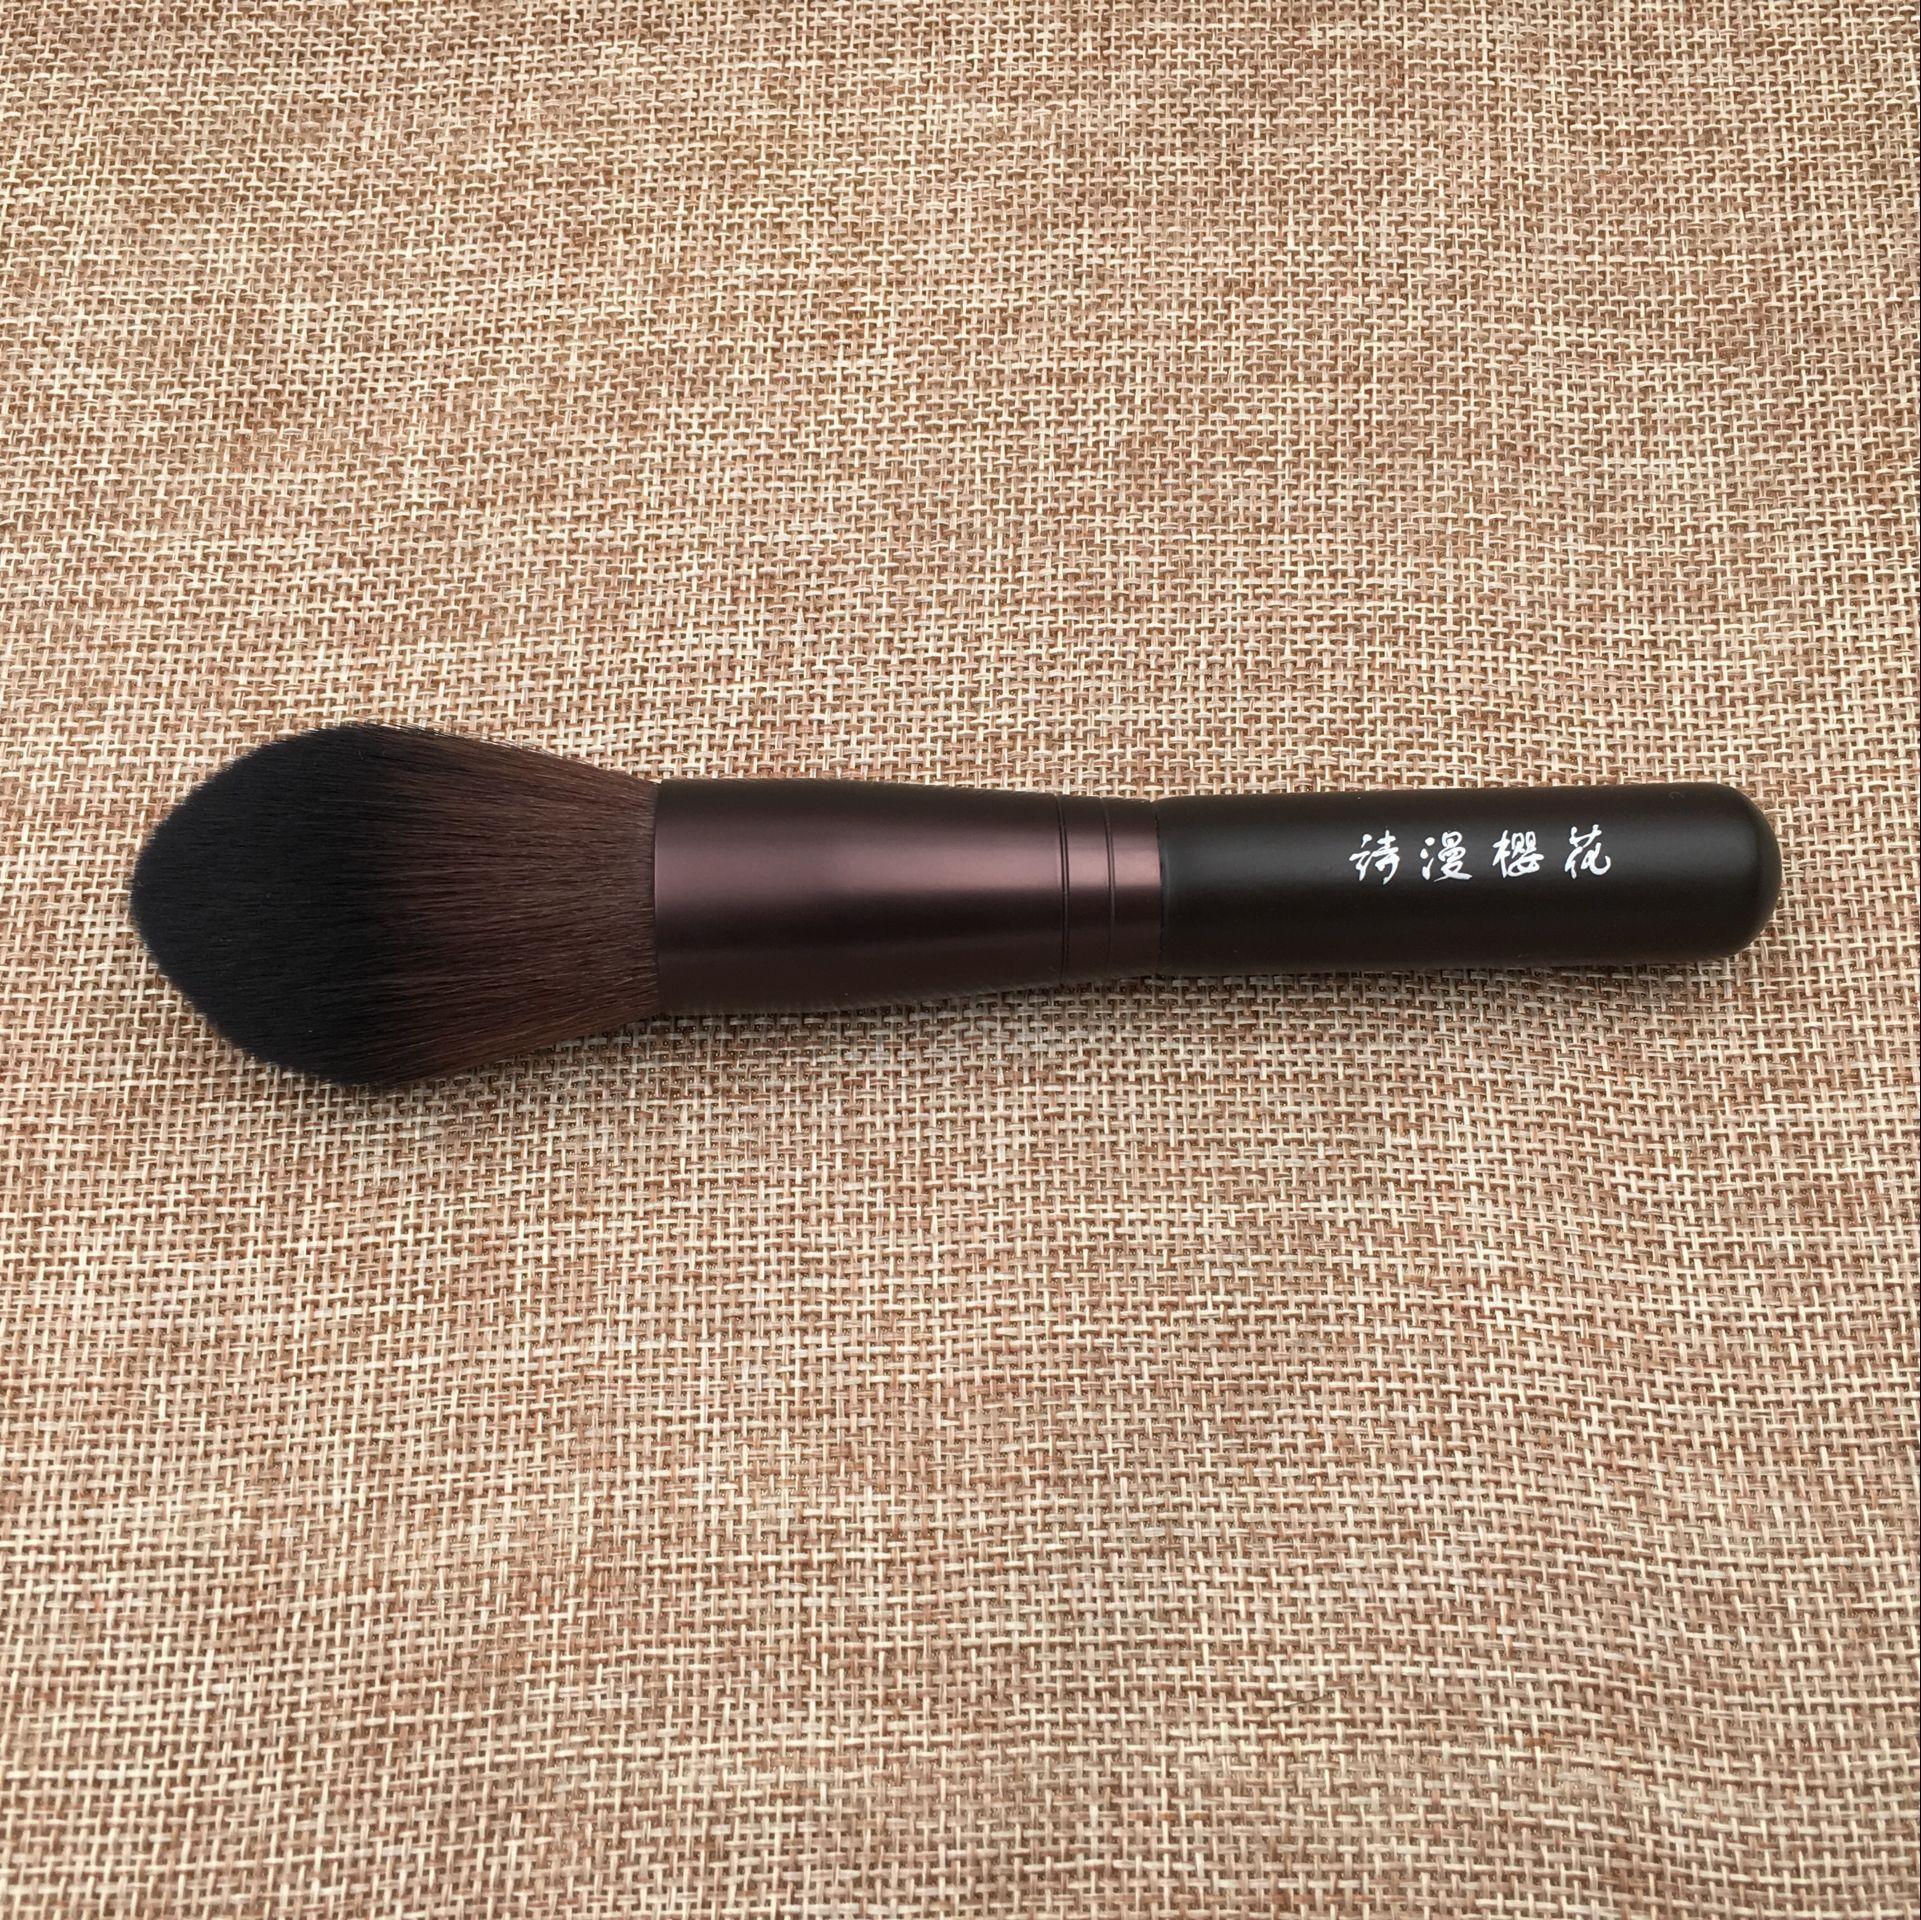 高光刷子 修容刷 粉底刷 腮红刷 古典棕火苗散粉刷 纤维毛化妆刷